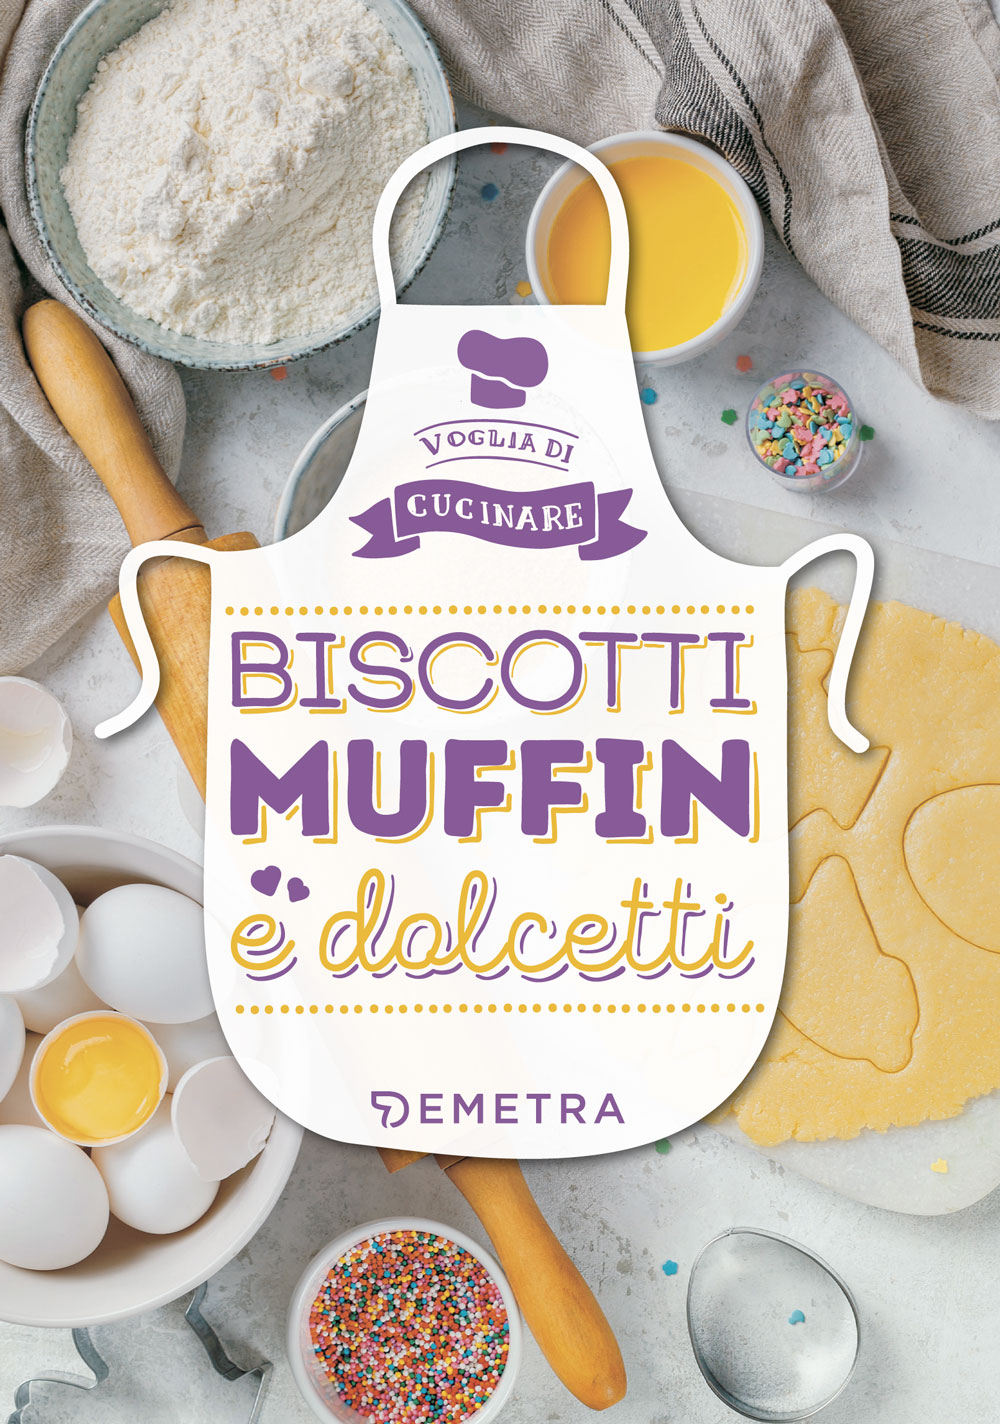 Biscotti, muffin e dolcetti